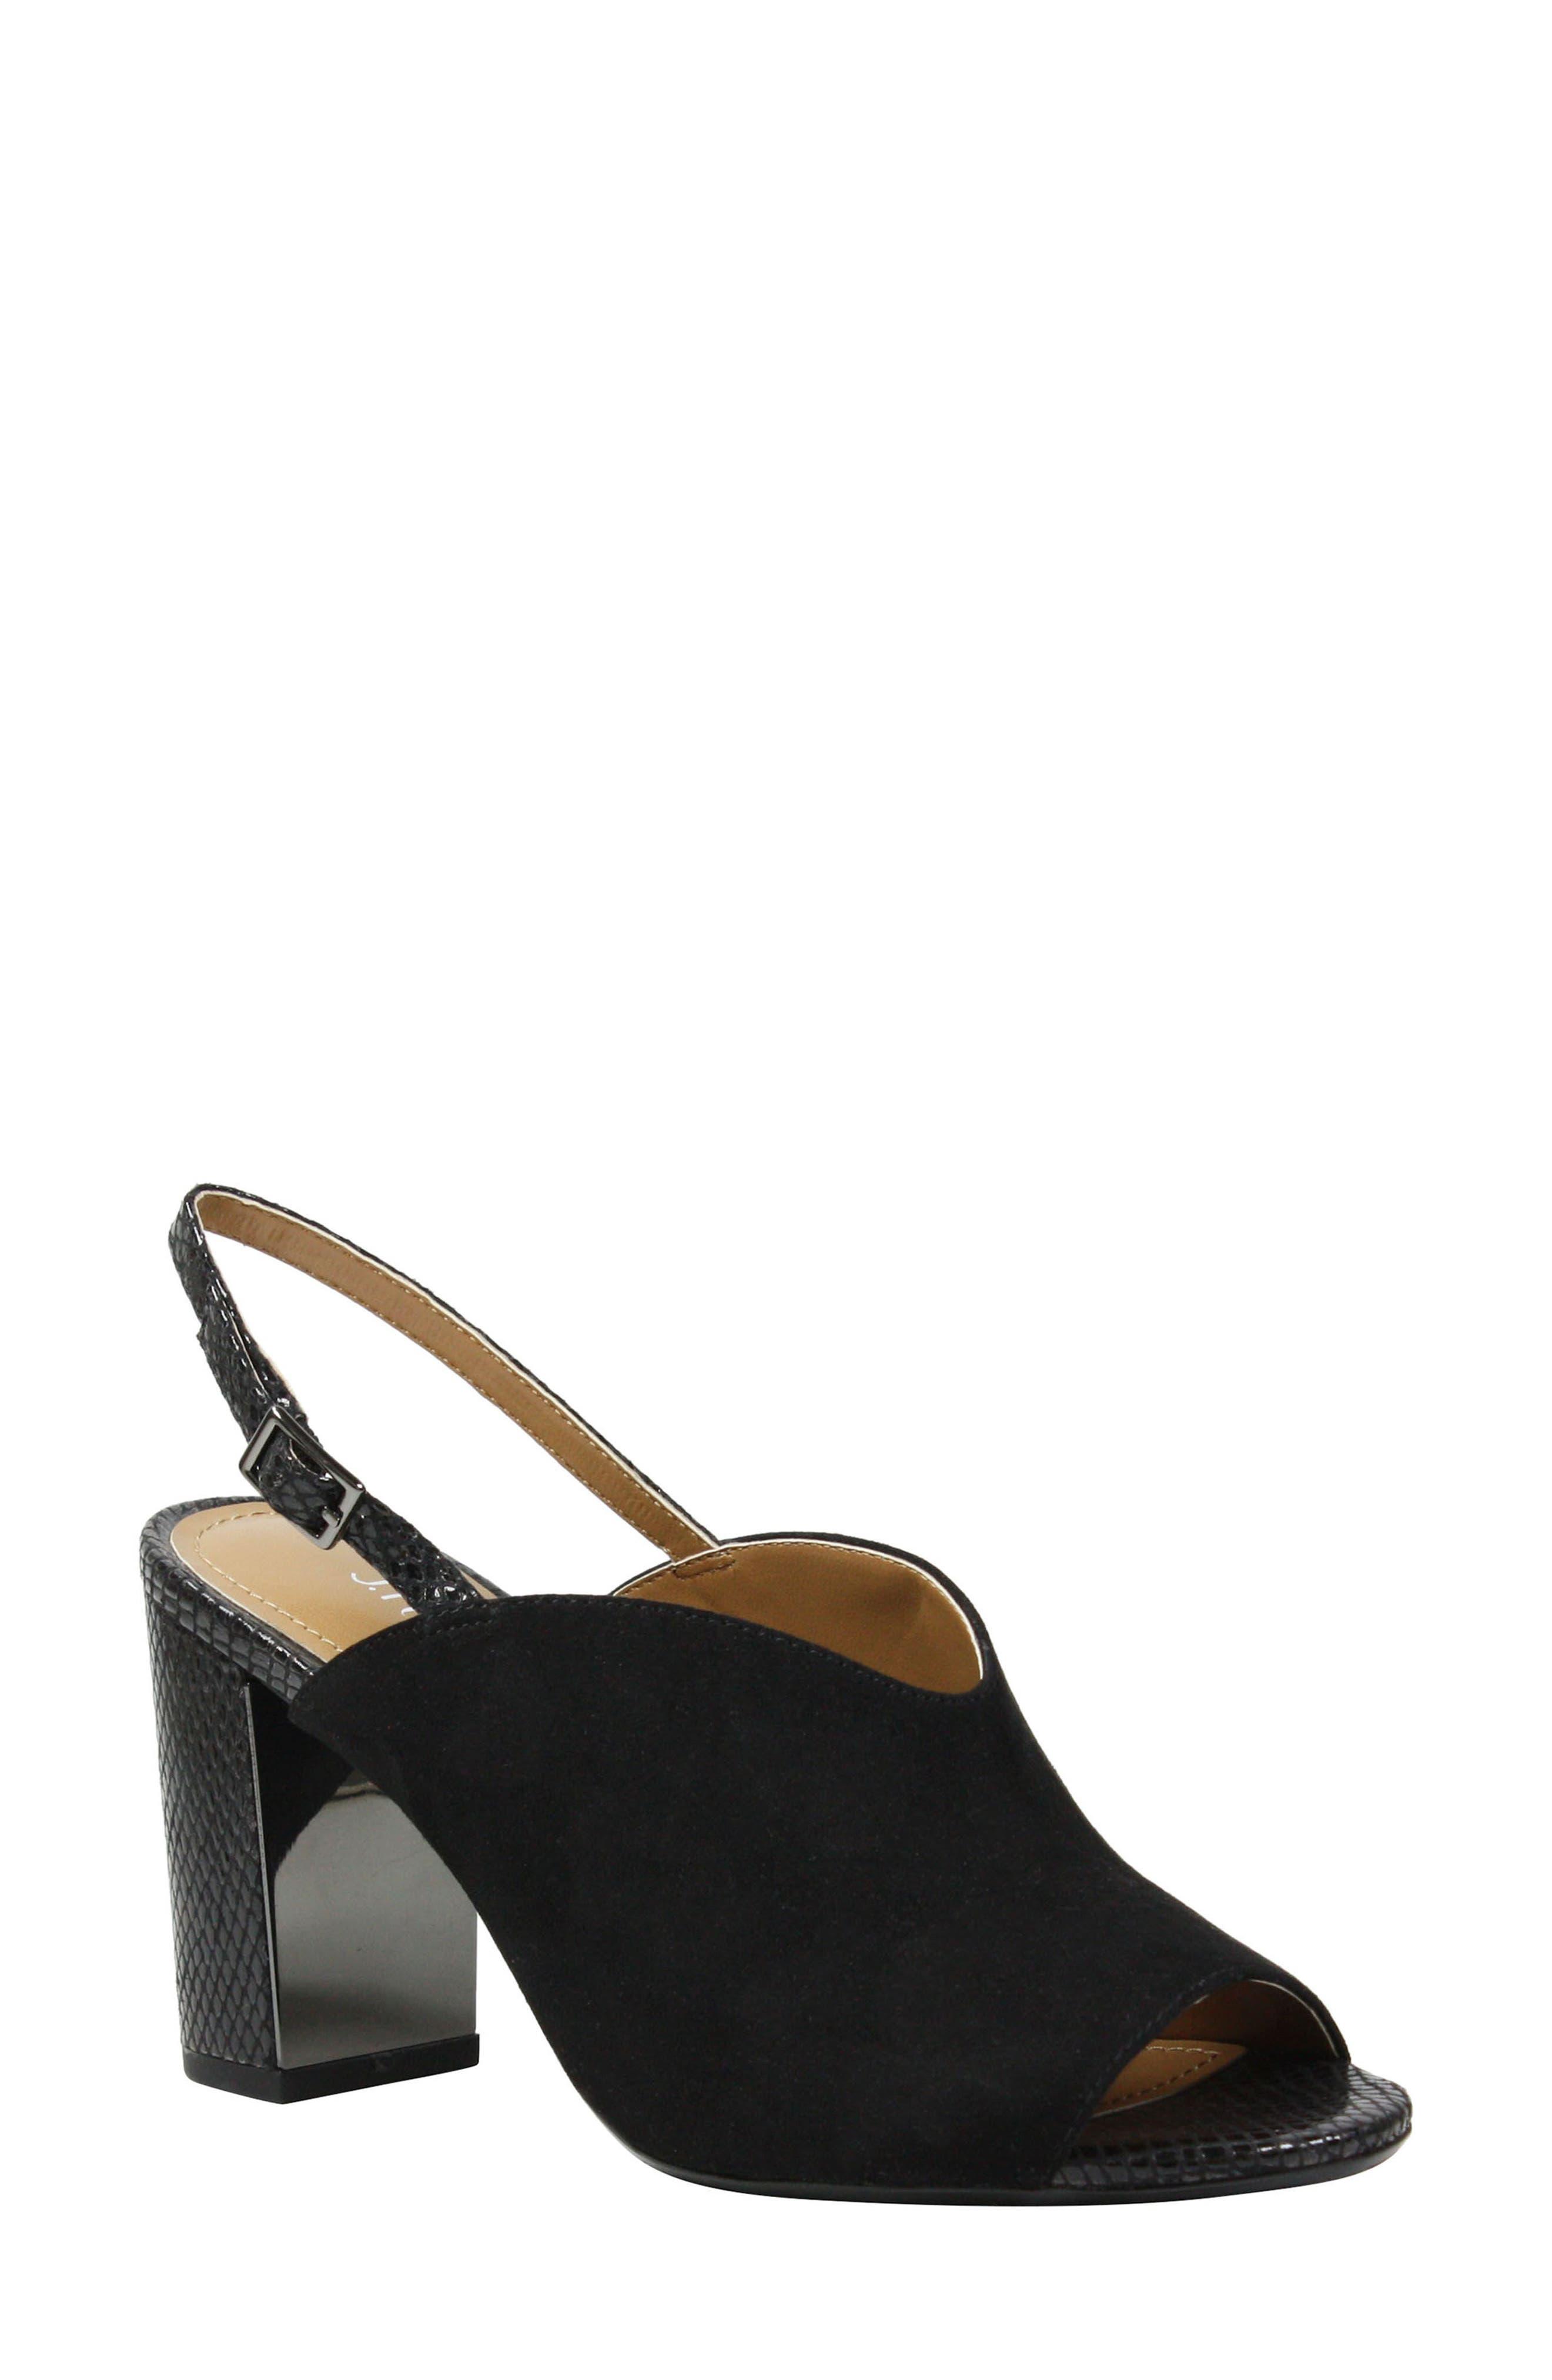 Maarya Block Heel Sandal,                         Main,                         color, 001